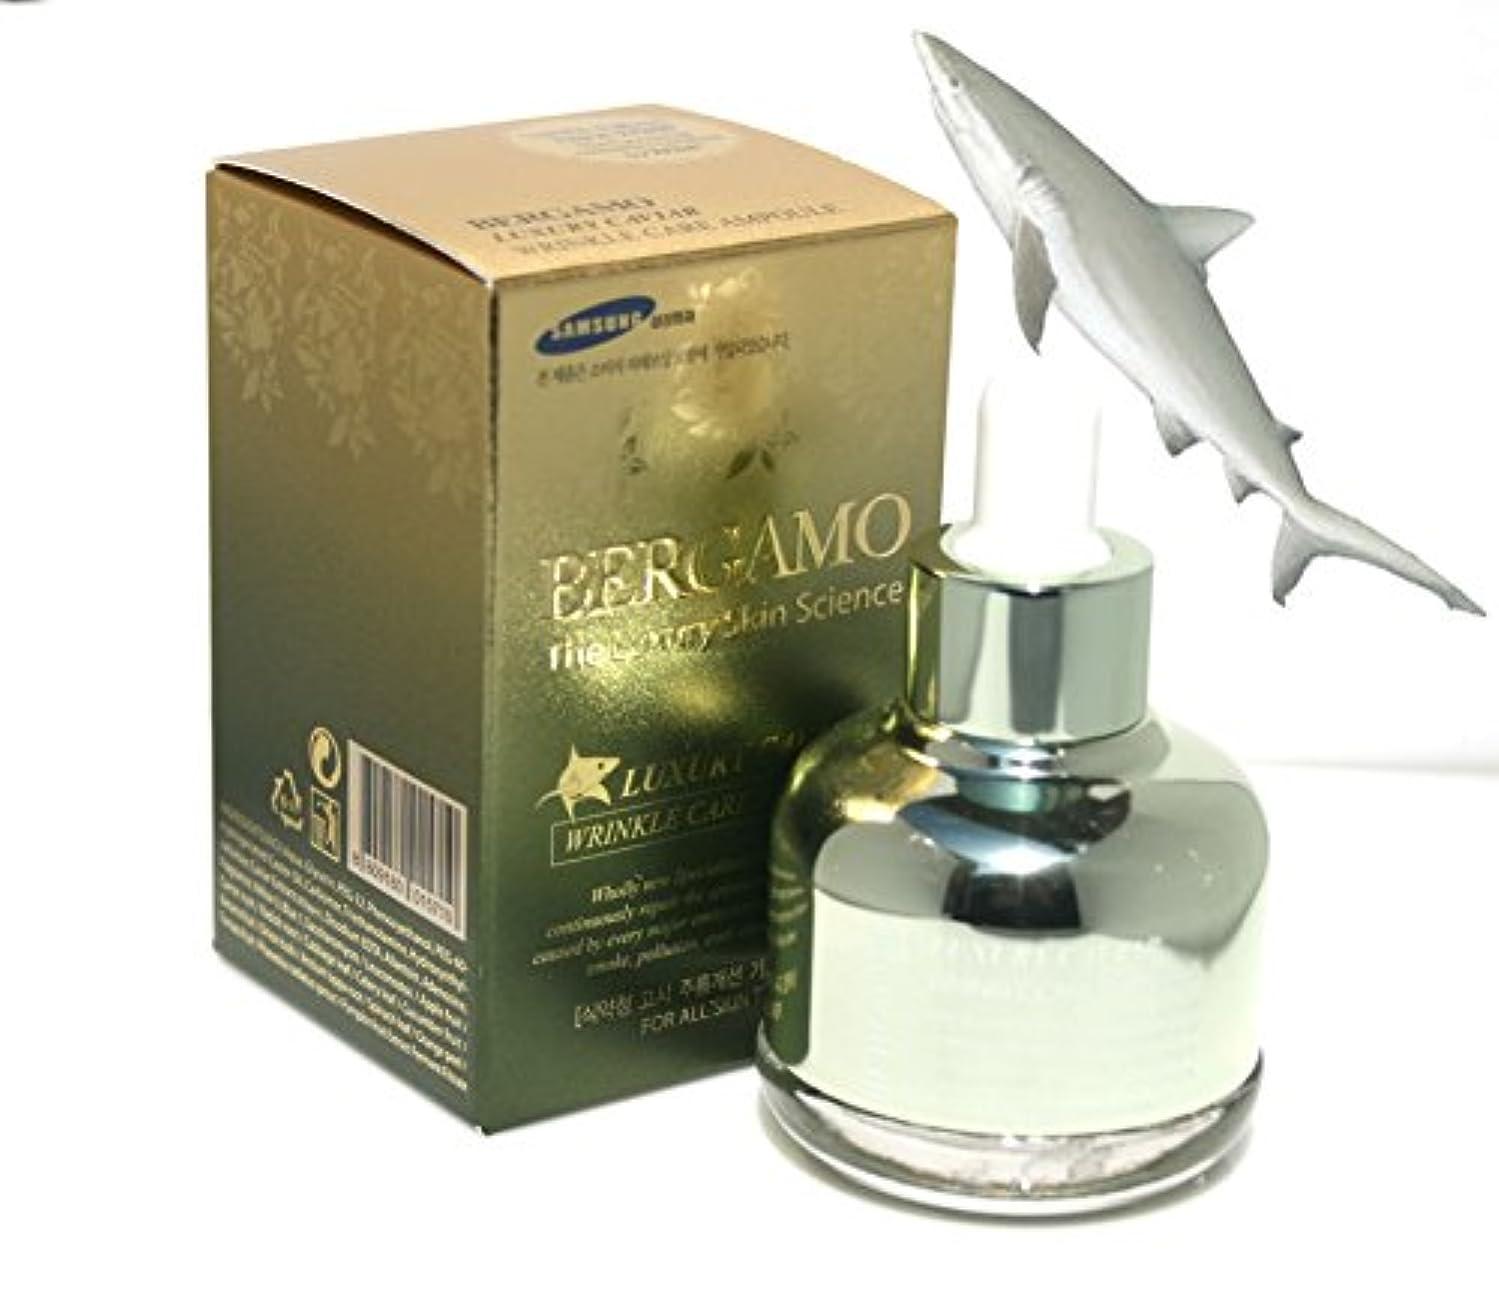 スタジオジョットディボンドンタンカー【ベルガモ][Bergamo] 皮膚科学高級キャビアリンクルケアアンプル30ml / The Skin Science Luxury Caviar Wrinkle Care Ampoule 30ml / 韓国化粧品 /...